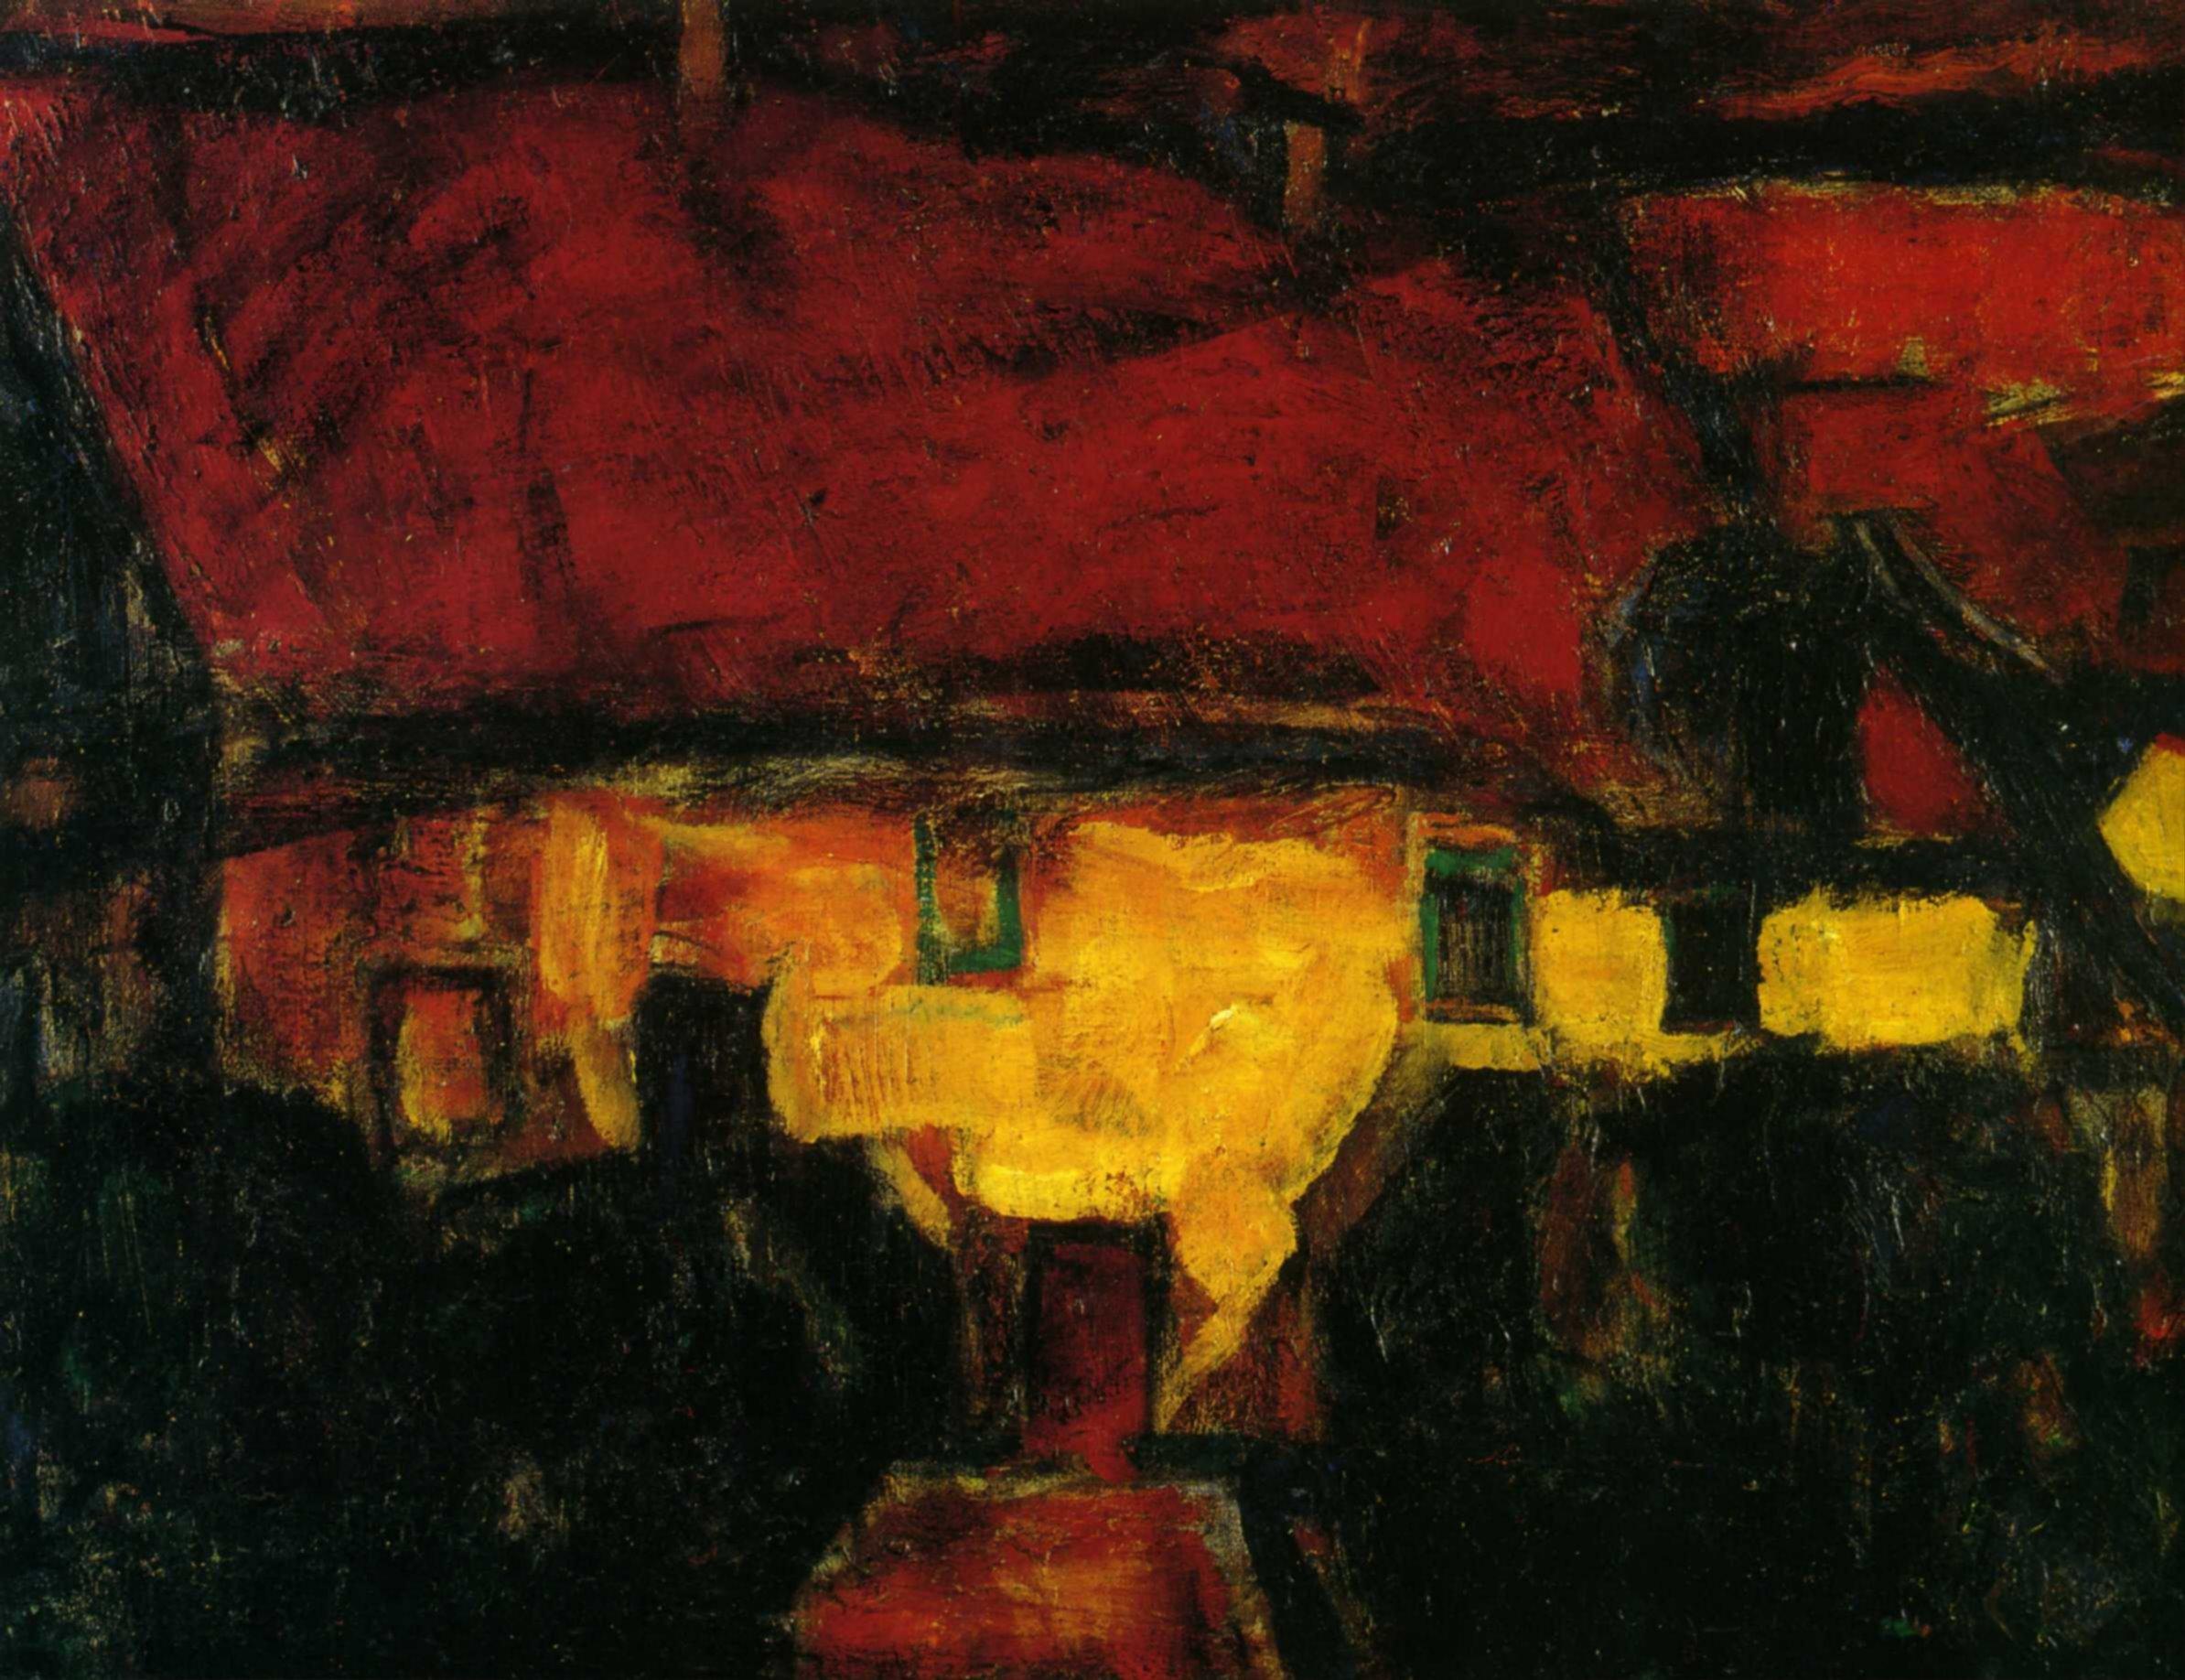 Кристиан Рольфс (1849 — 1938) — немецкий художник, яркий представитель немецкого экспрессионизма. 1913. «Дом с красной крышей»